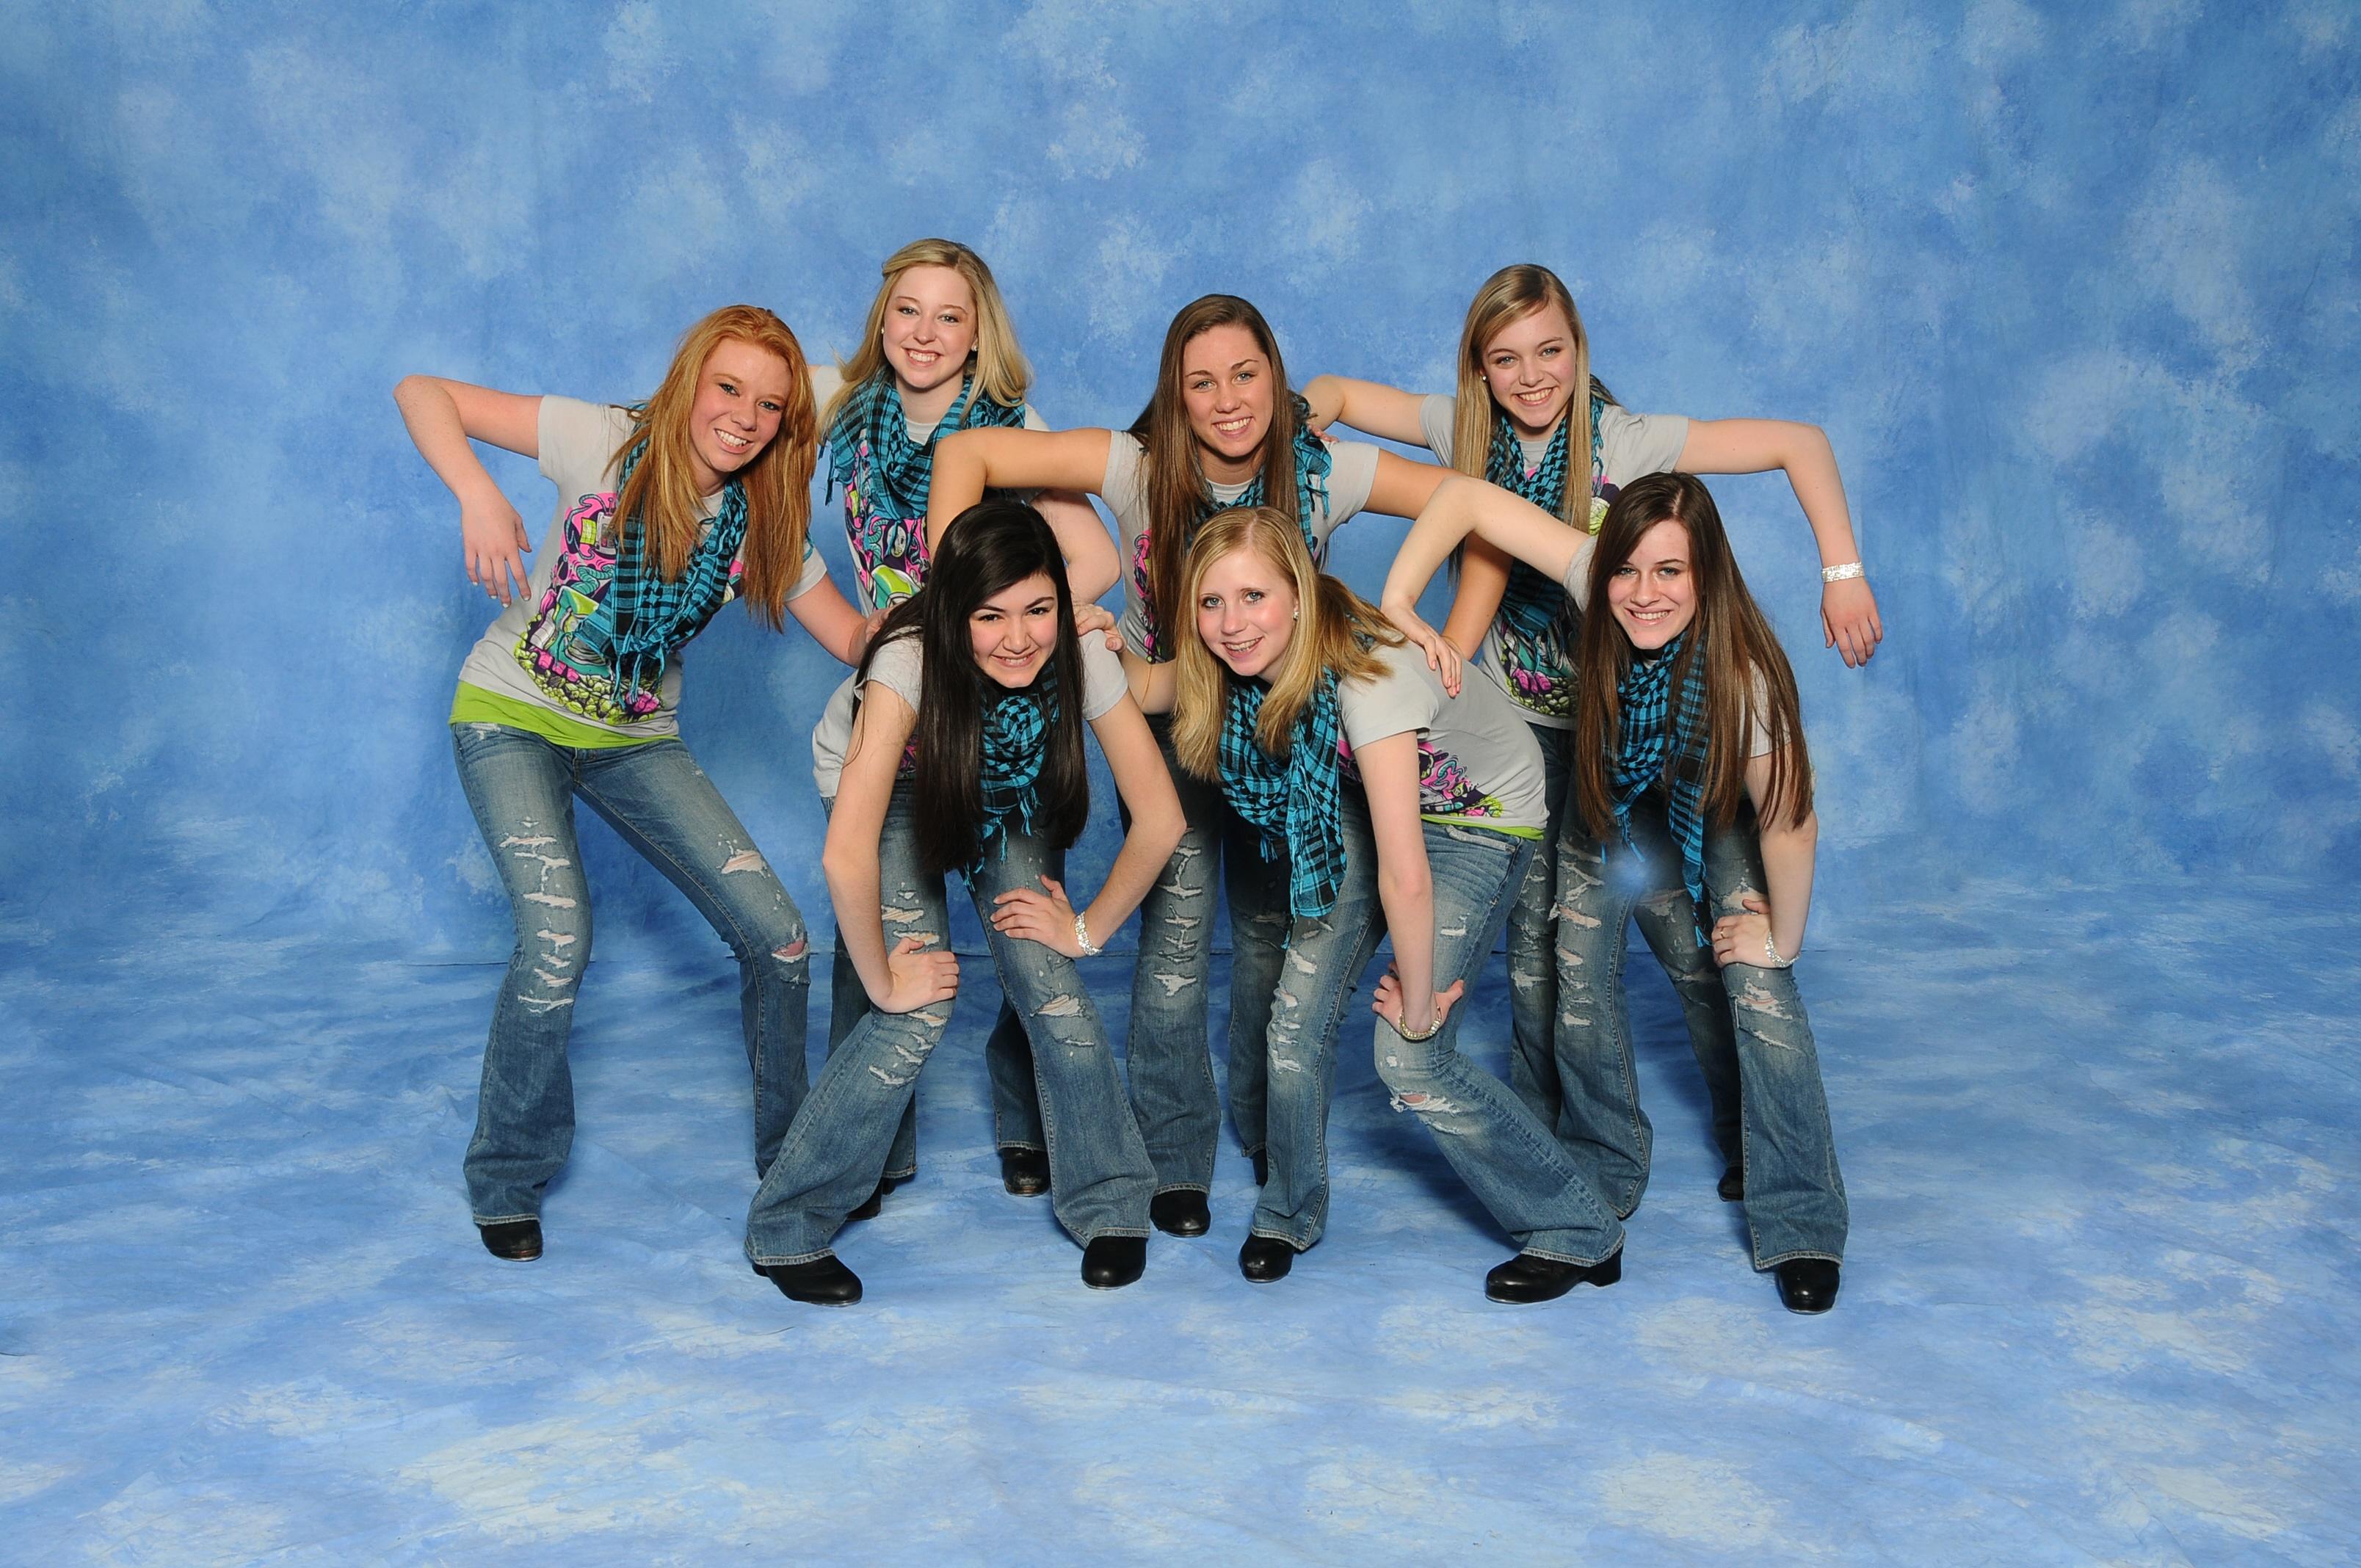 dance-offkilter-801149